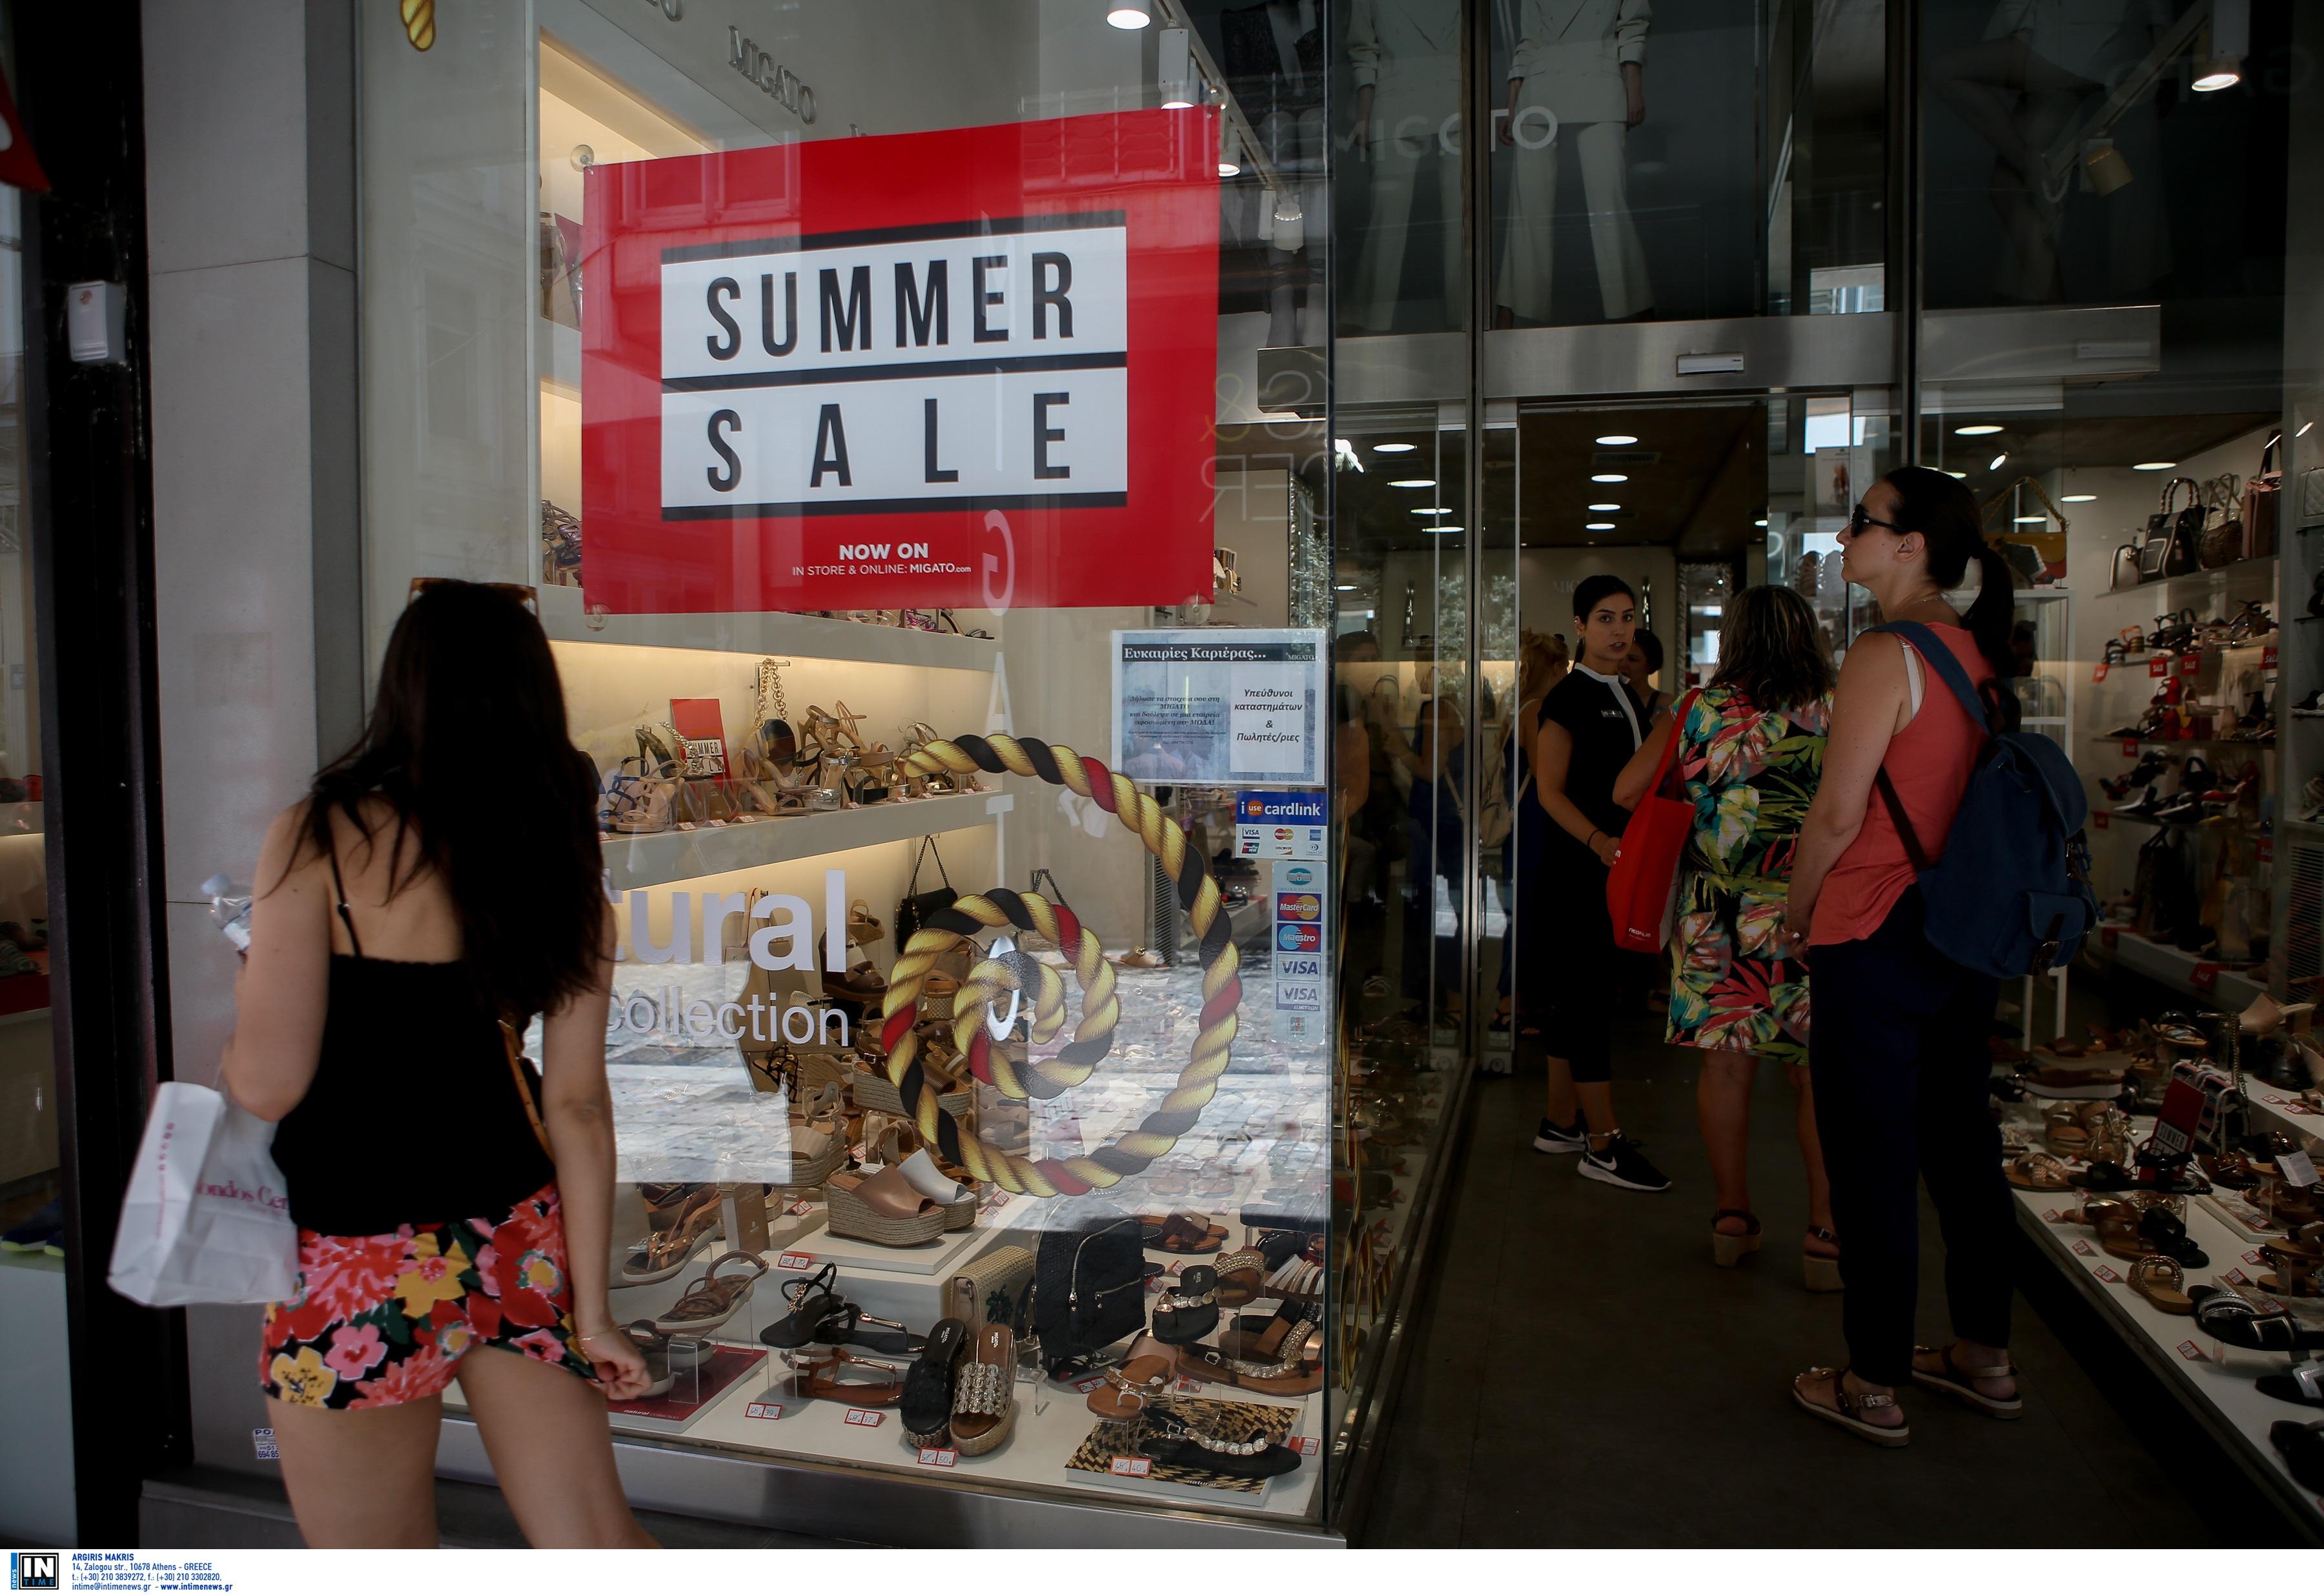 Θερινές εκπτώσεις 2020: Ανοιχτά σήμερα τα καταστήματα – Πώς θα λειτουργήσουν